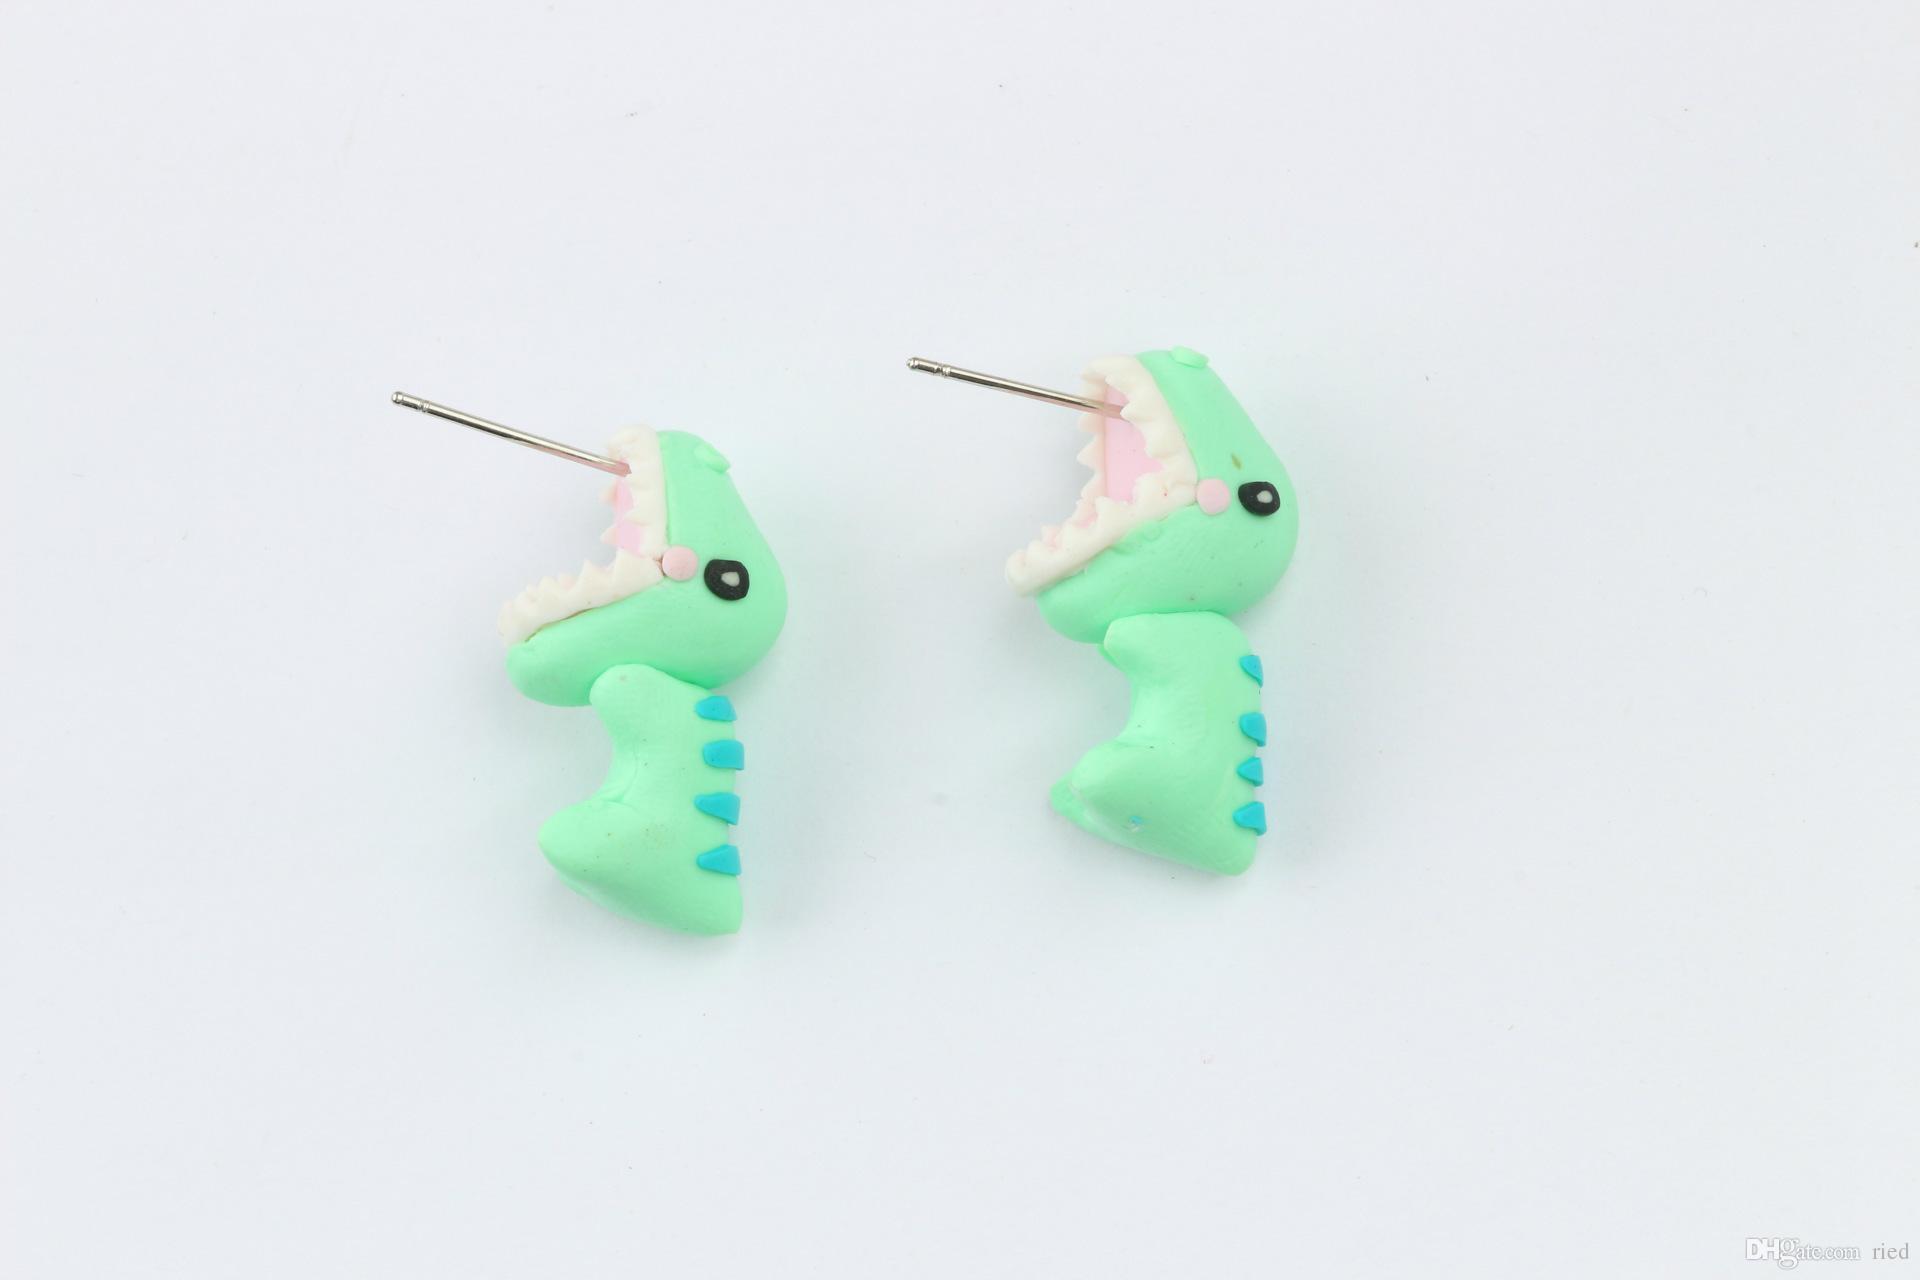 Cute Green Dragon Design Minuscoli orecchini a bottone in argento fatti a mano in polimero morbido in attesa di orecchini le donne ragazze gioielli orecchio bijoux